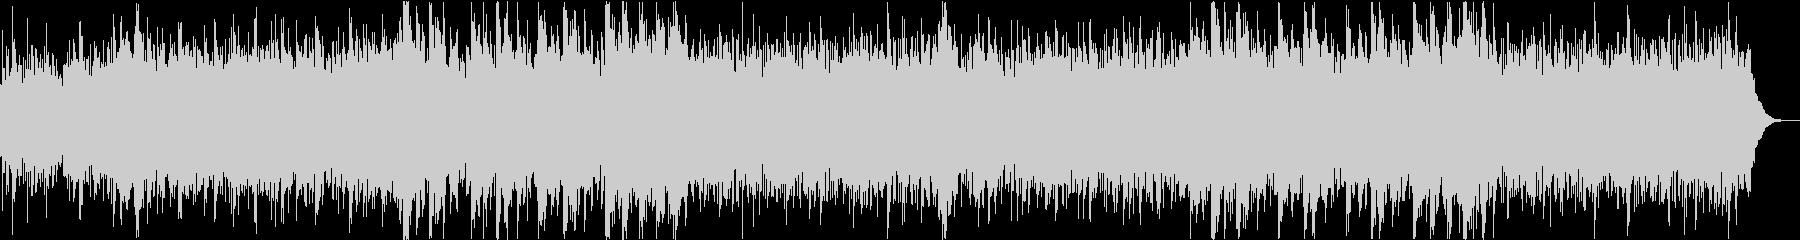 クリーンなイメージのコーポレートvr2の未再生の波形